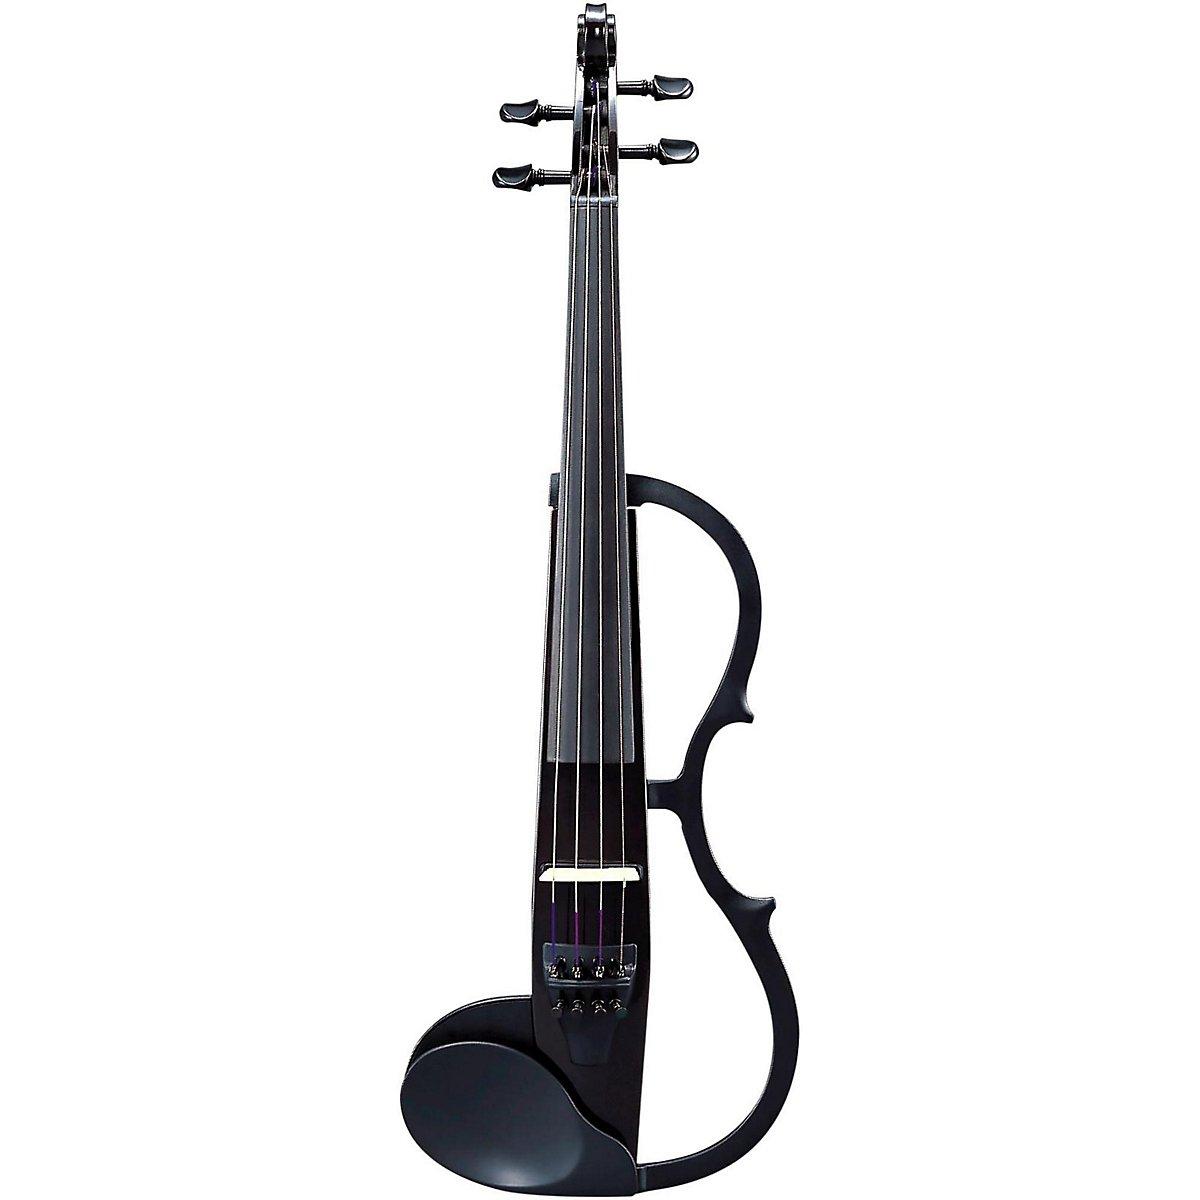 Yamaha Model SV-130SBL 'Concert Select' Silent Violin (4/4 Size, Black)